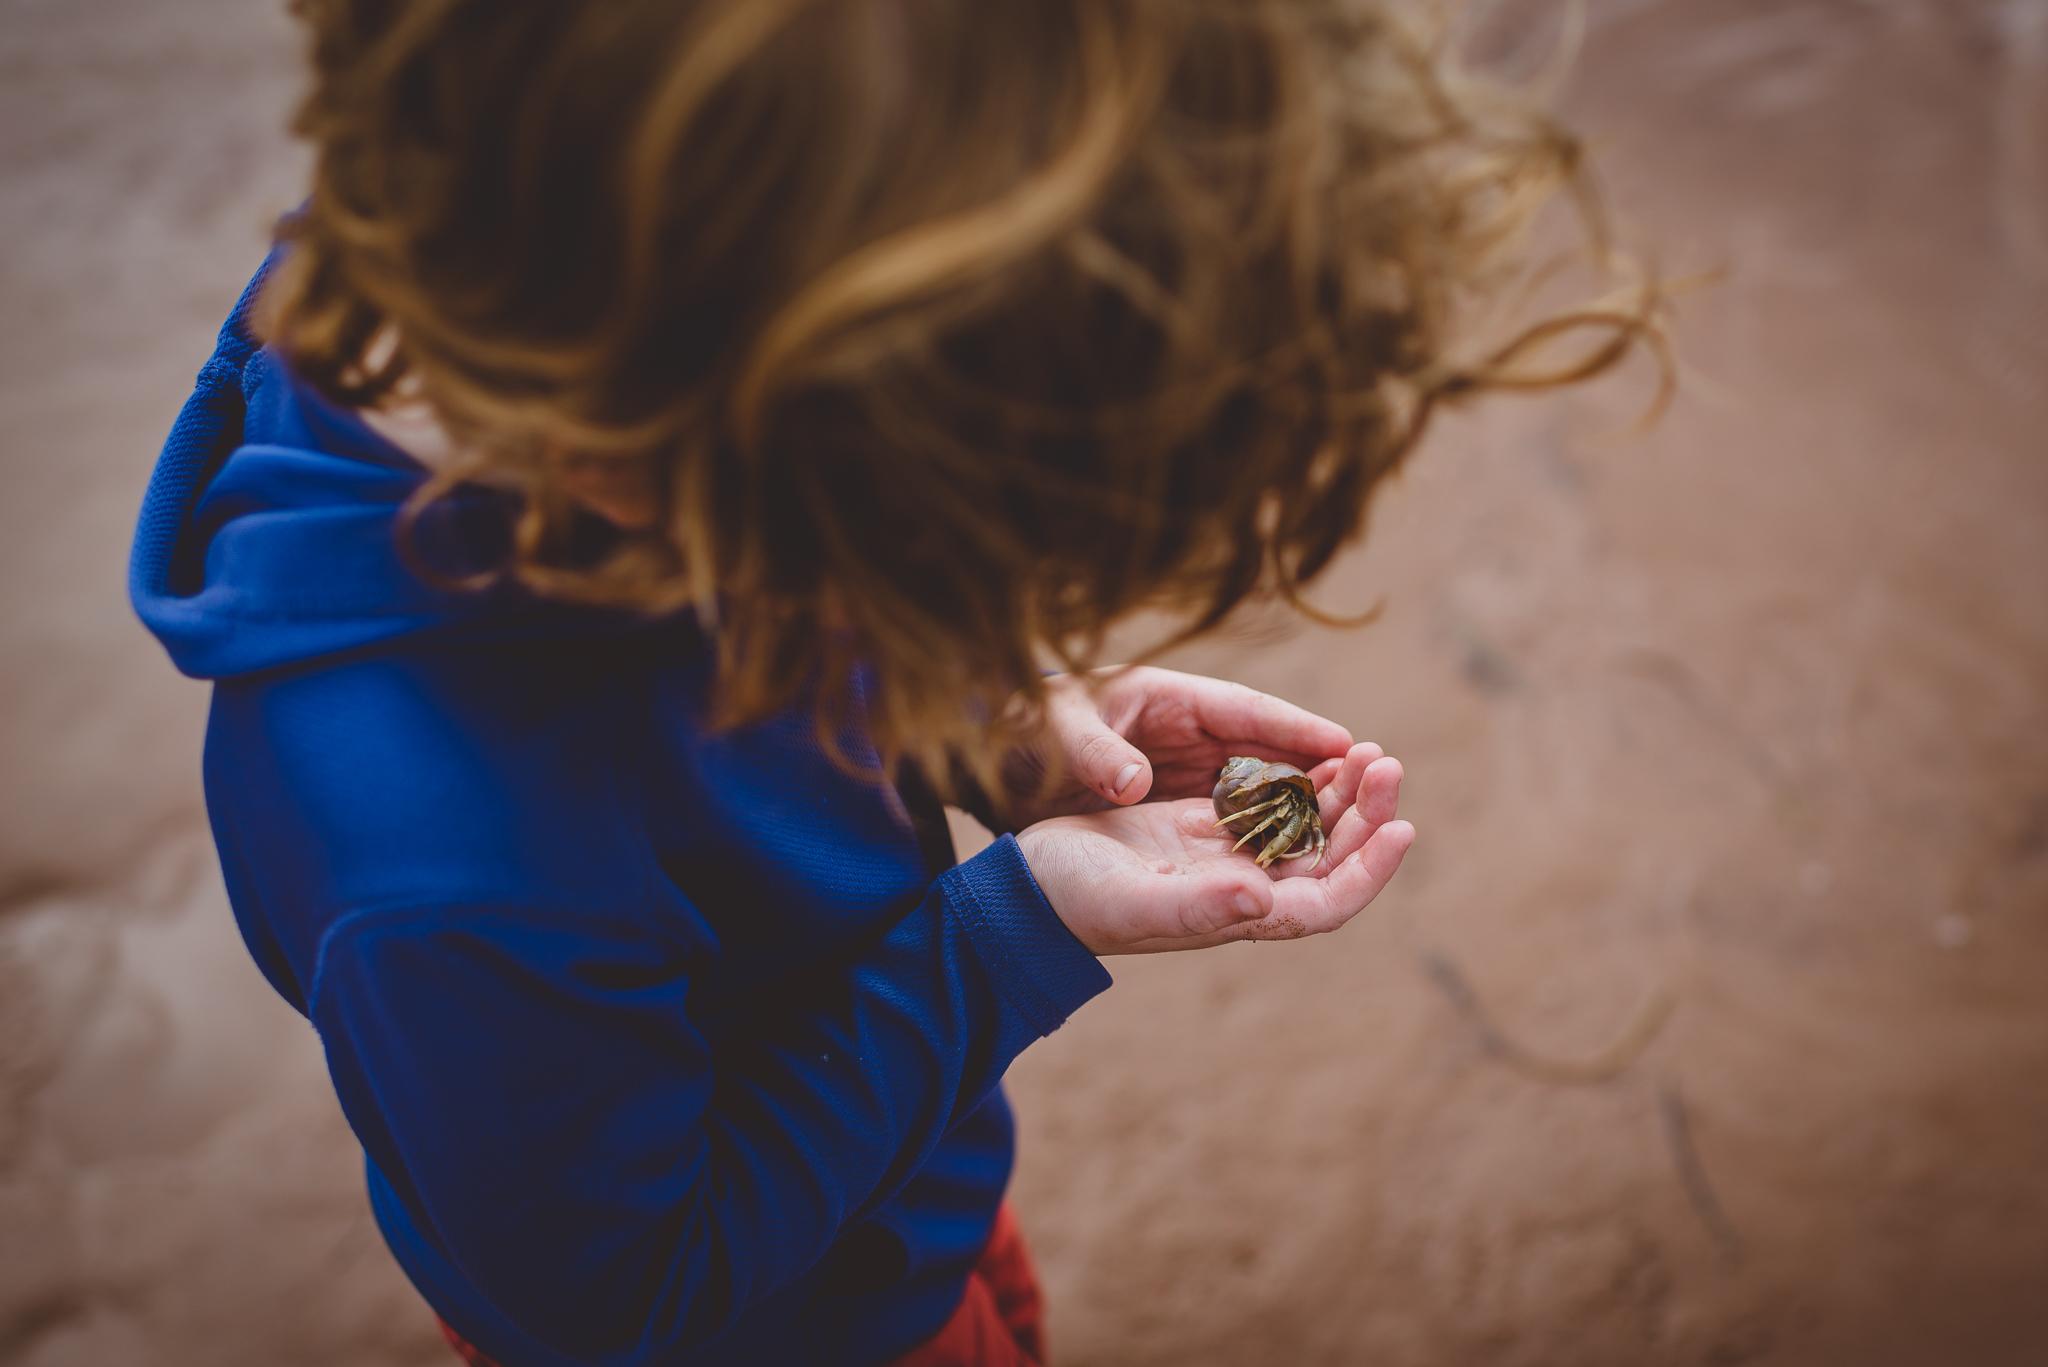 child's hands holding hermit crab